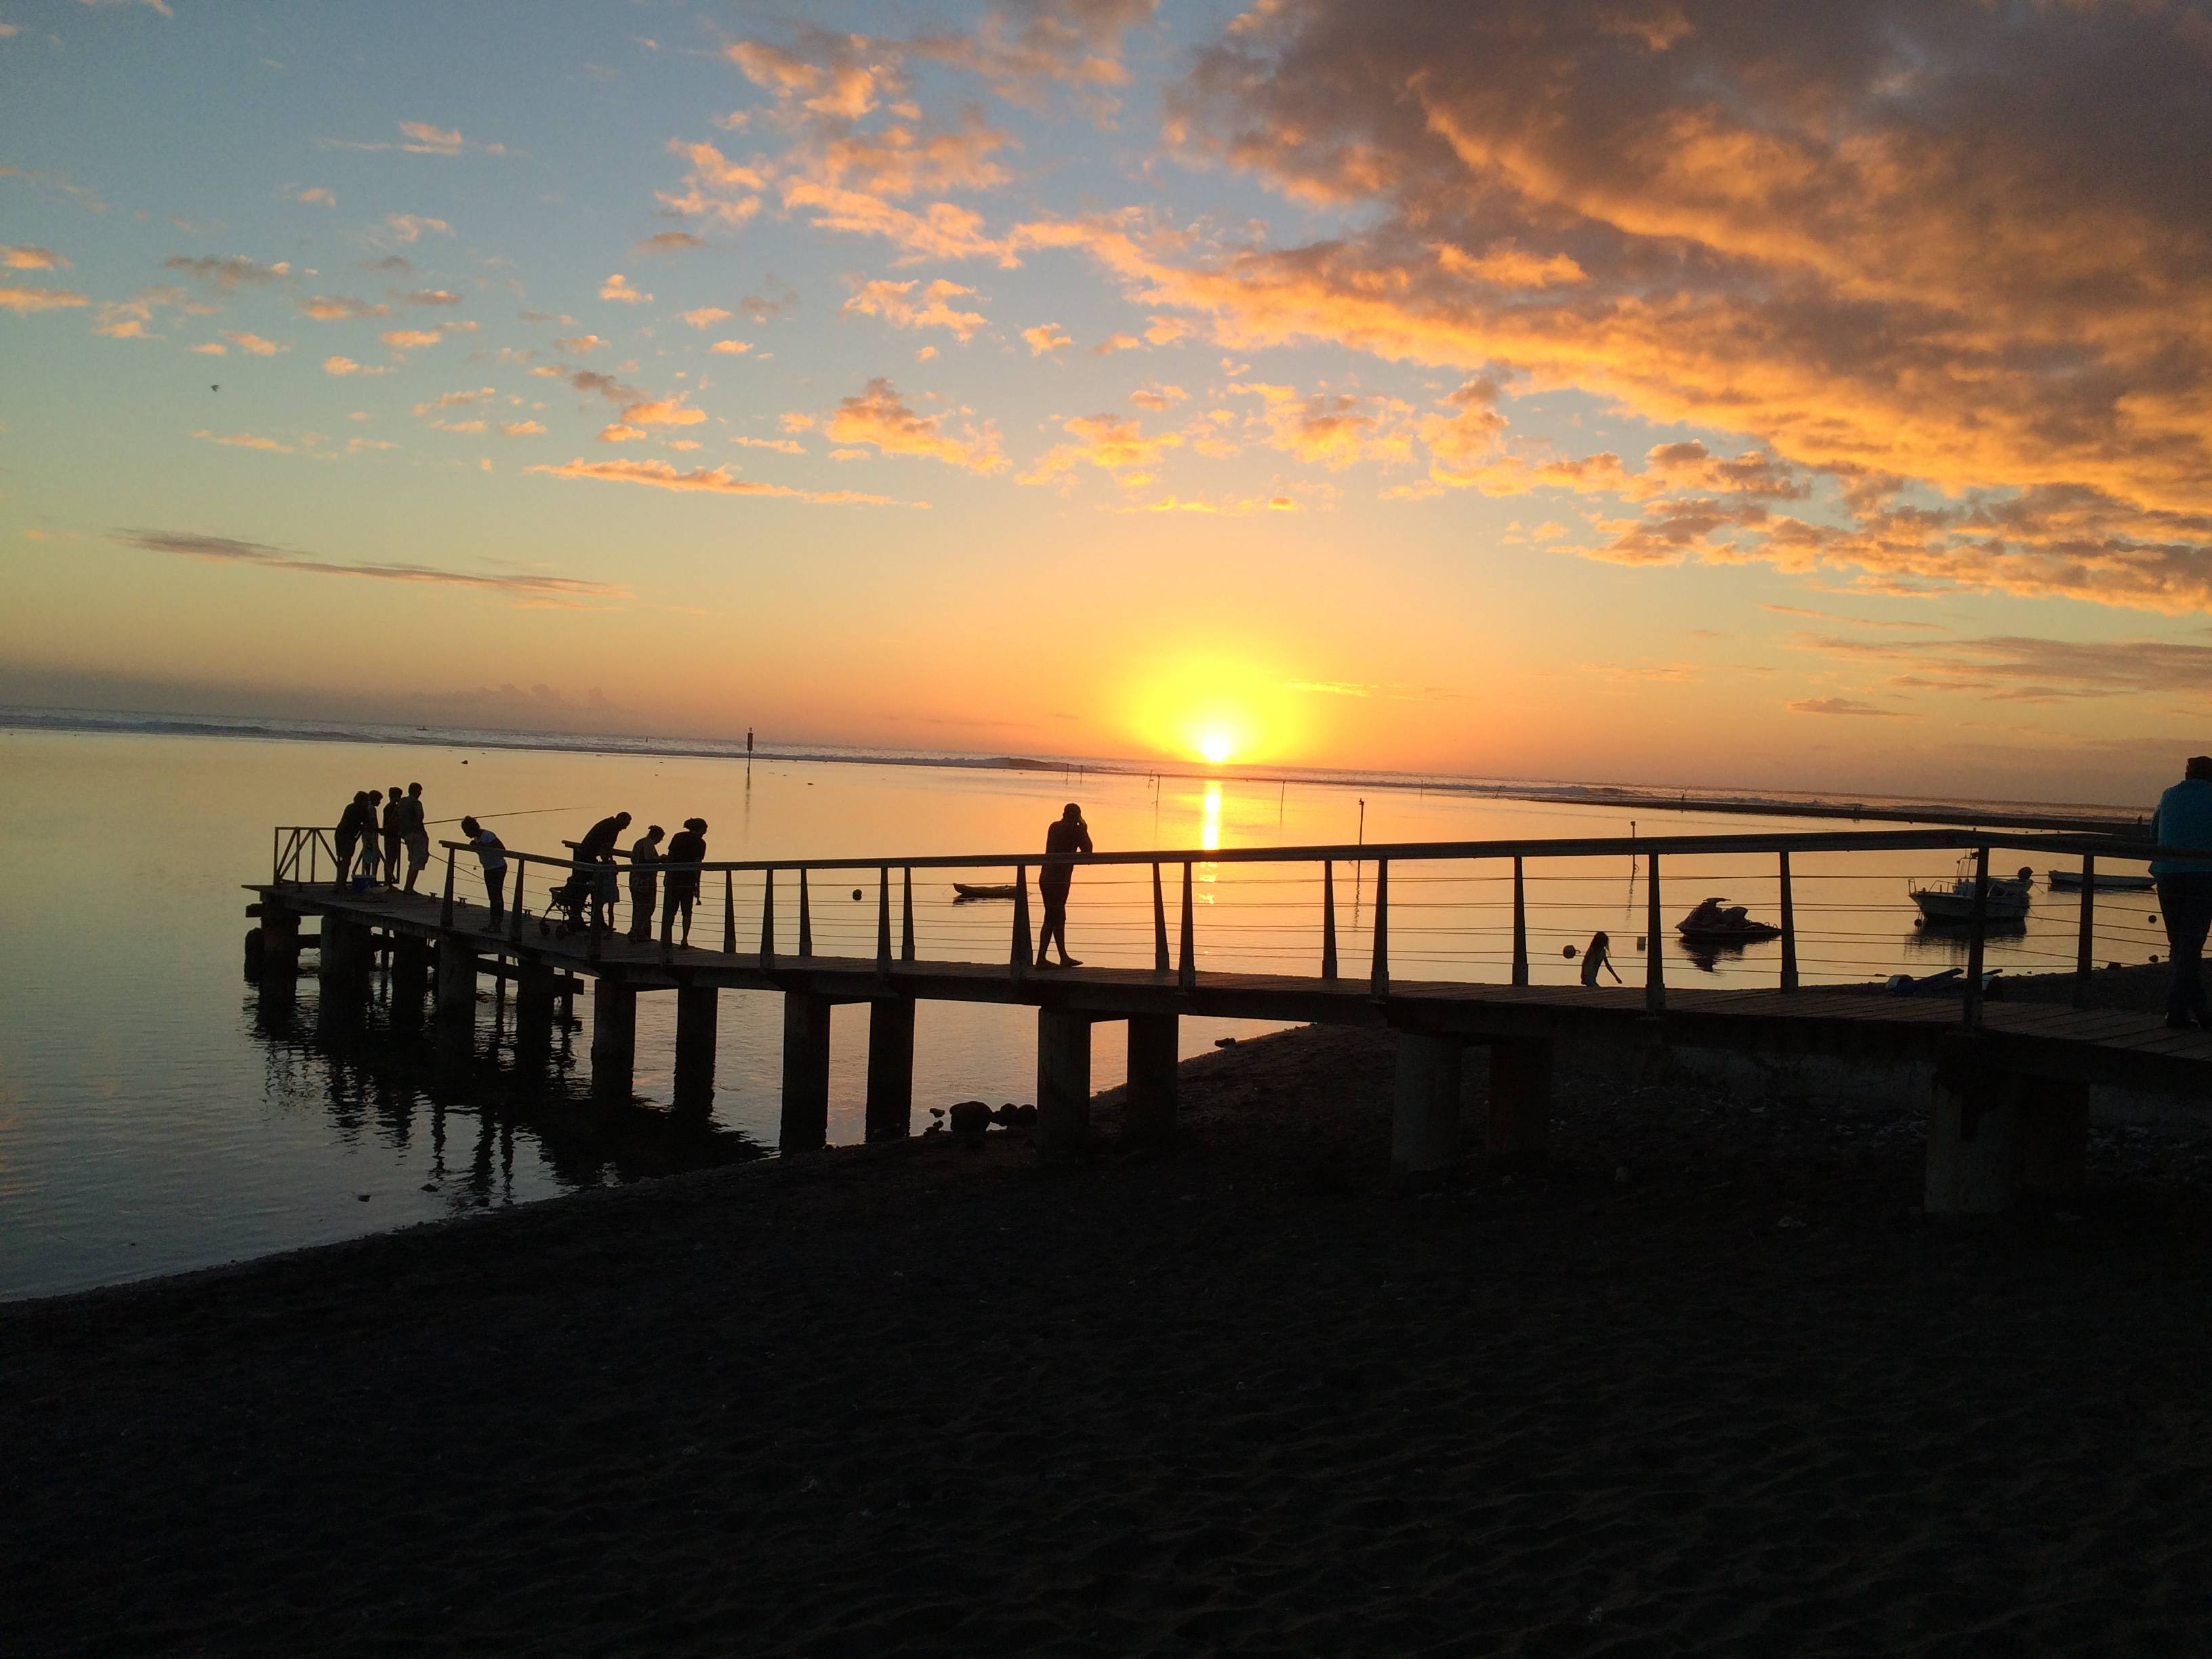 Photo 1: Étang Salé à La Réunion, un havre de paix paradisiaque!